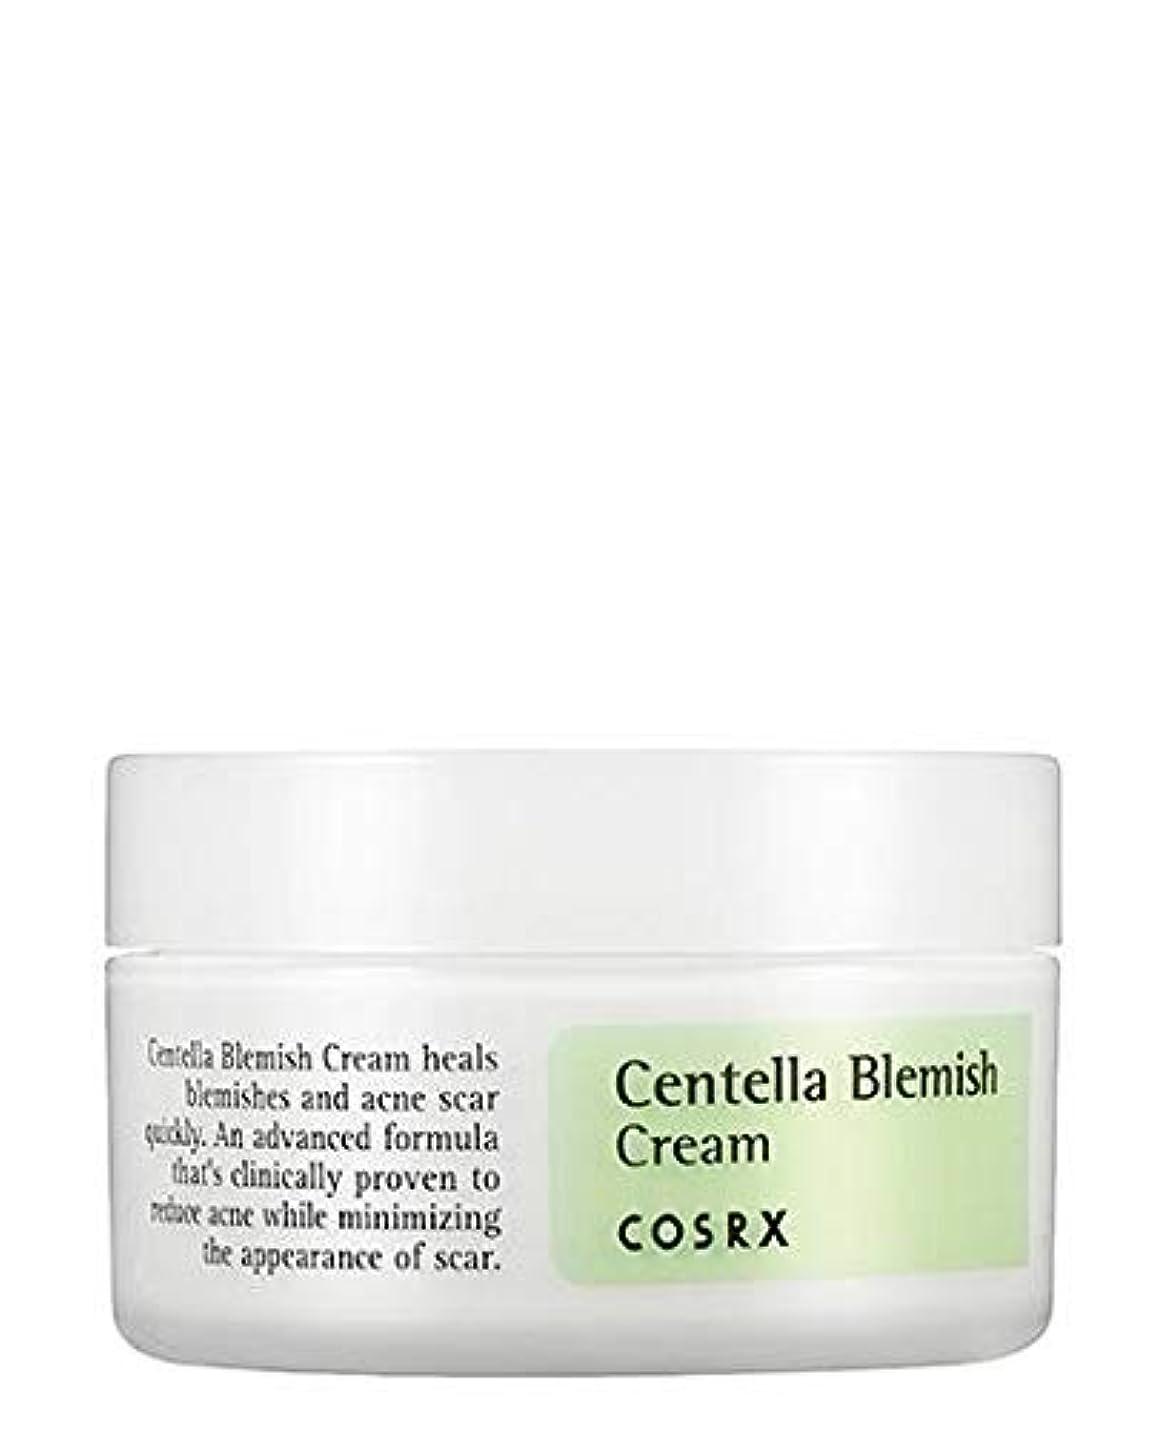 リズミカルな早熟理論COSRX Centella Blemish Cream (並行輸入品)